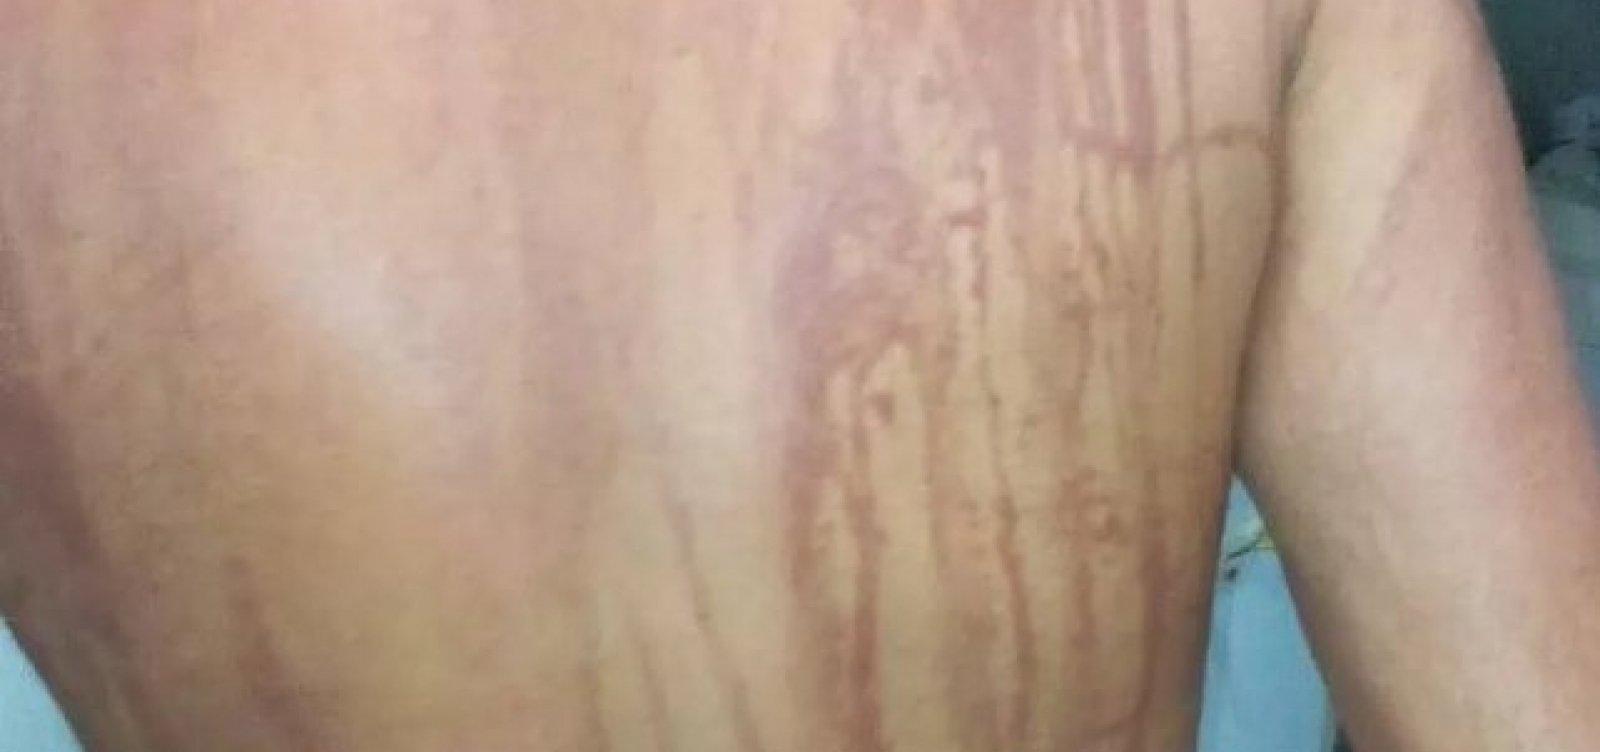 [Ilhéus: Secretaria descarta intoxicação por óleo em turista de MG ]